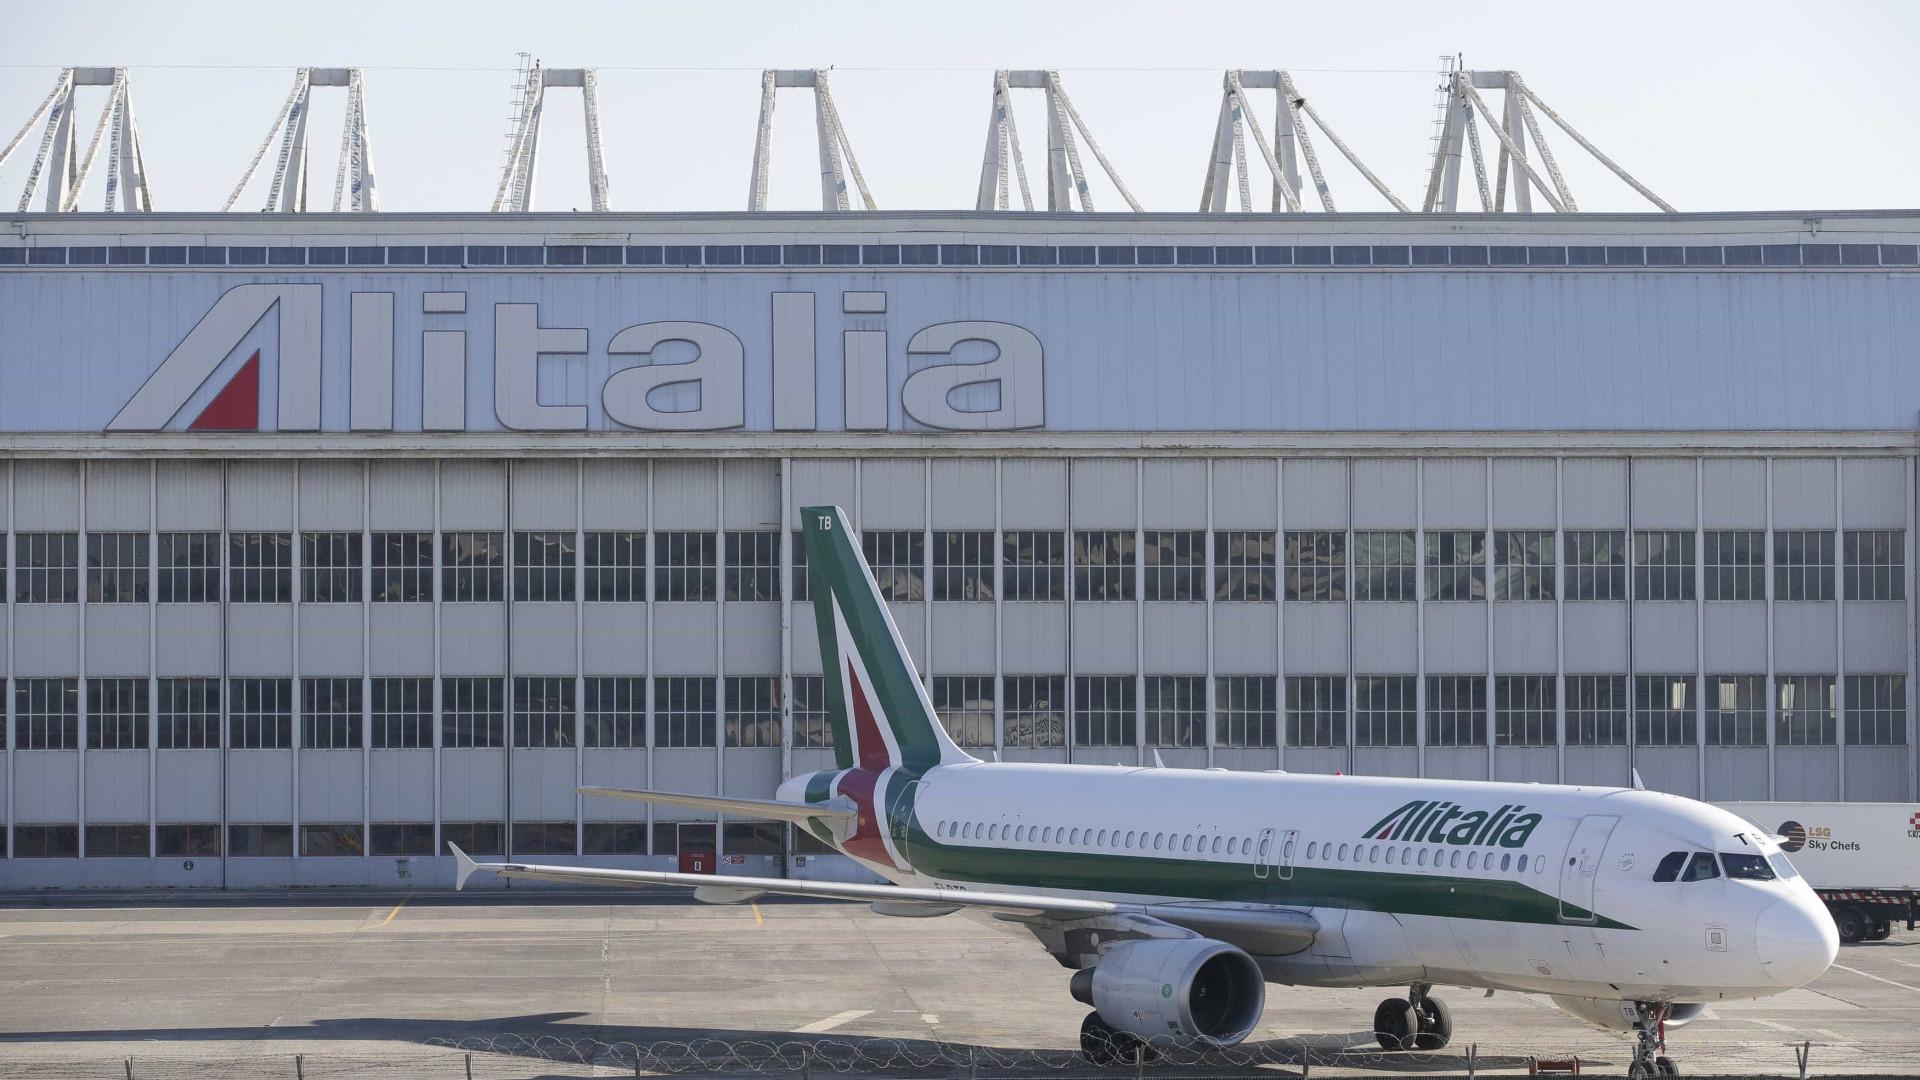 Bruxelas aprova aumento para 310 milhões de ajudas estatais à Alitalia